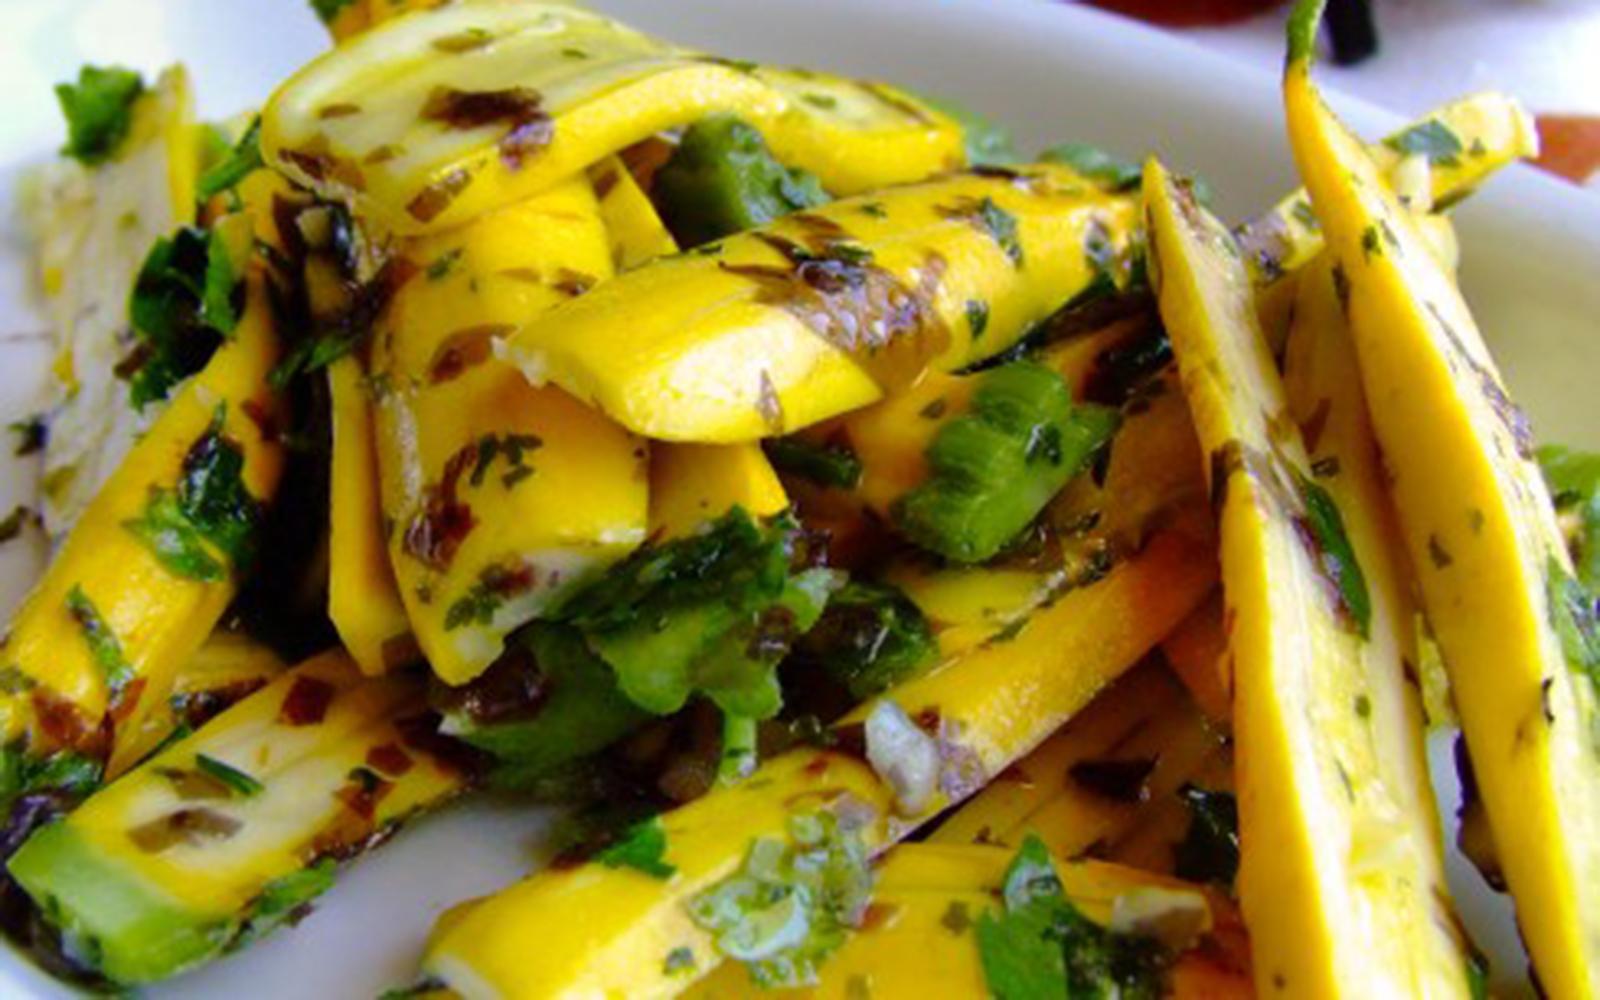 Marinated Zucchini and Seaweed Salad